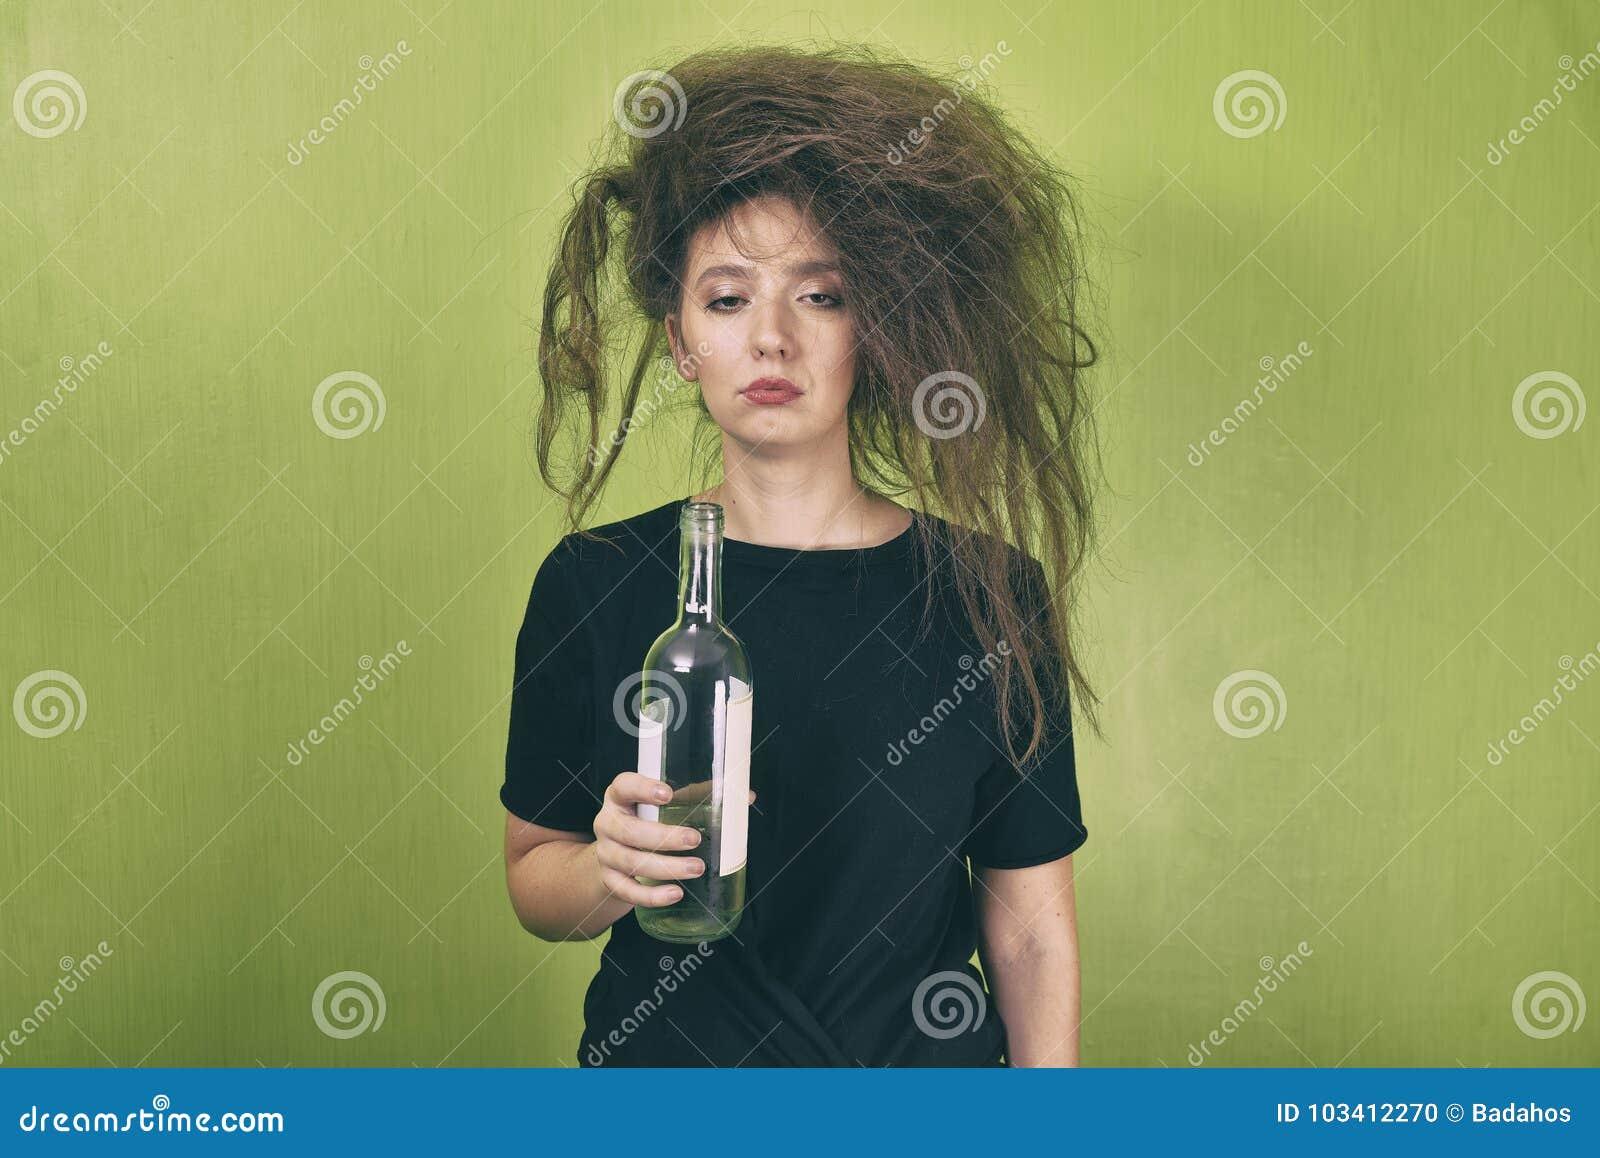 Пьяная девушка на работе работа девушке в спб